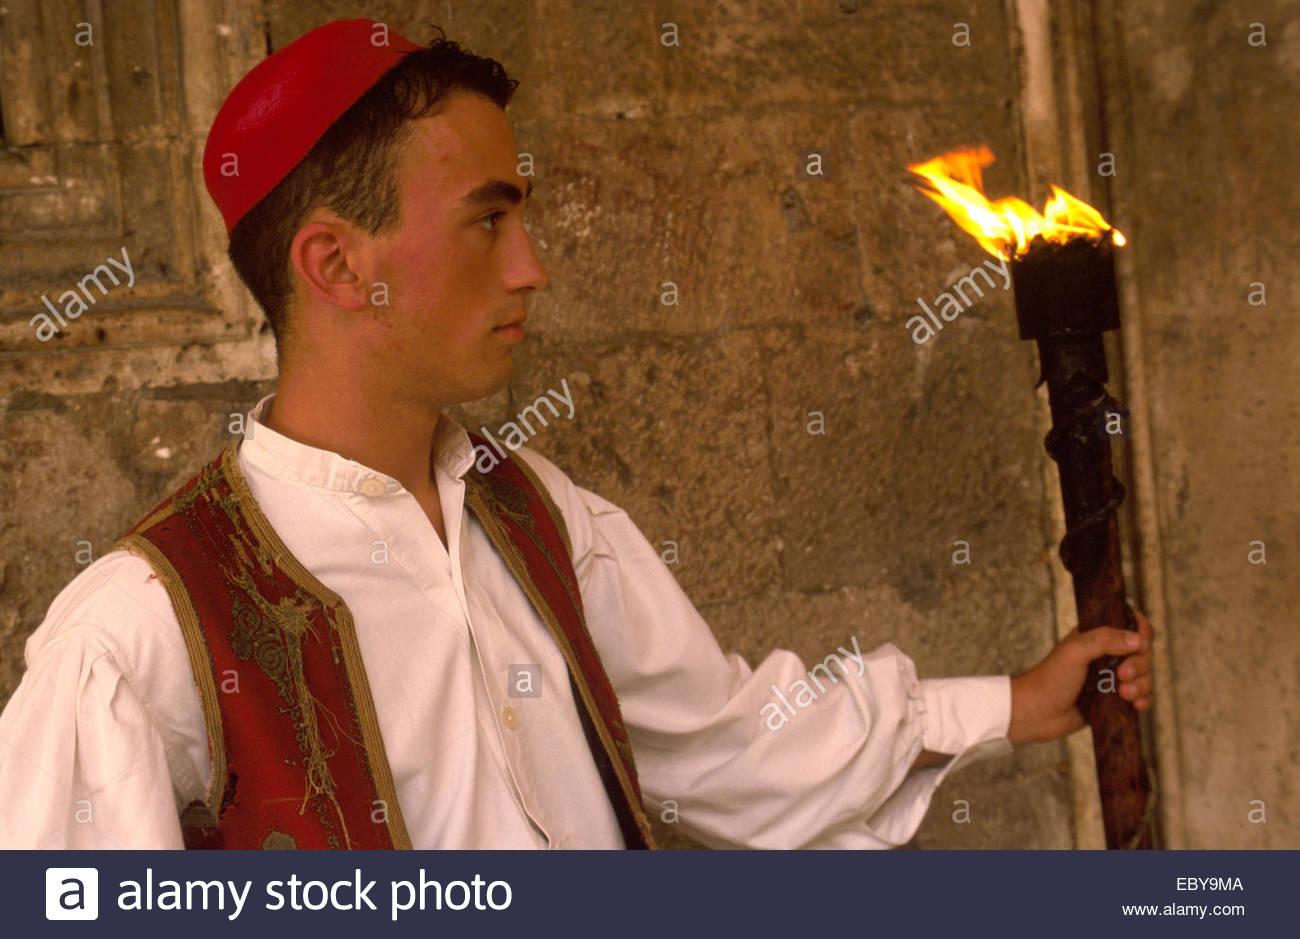 Dubrovnik. Hombre con traje tradicional Imagen De Stock